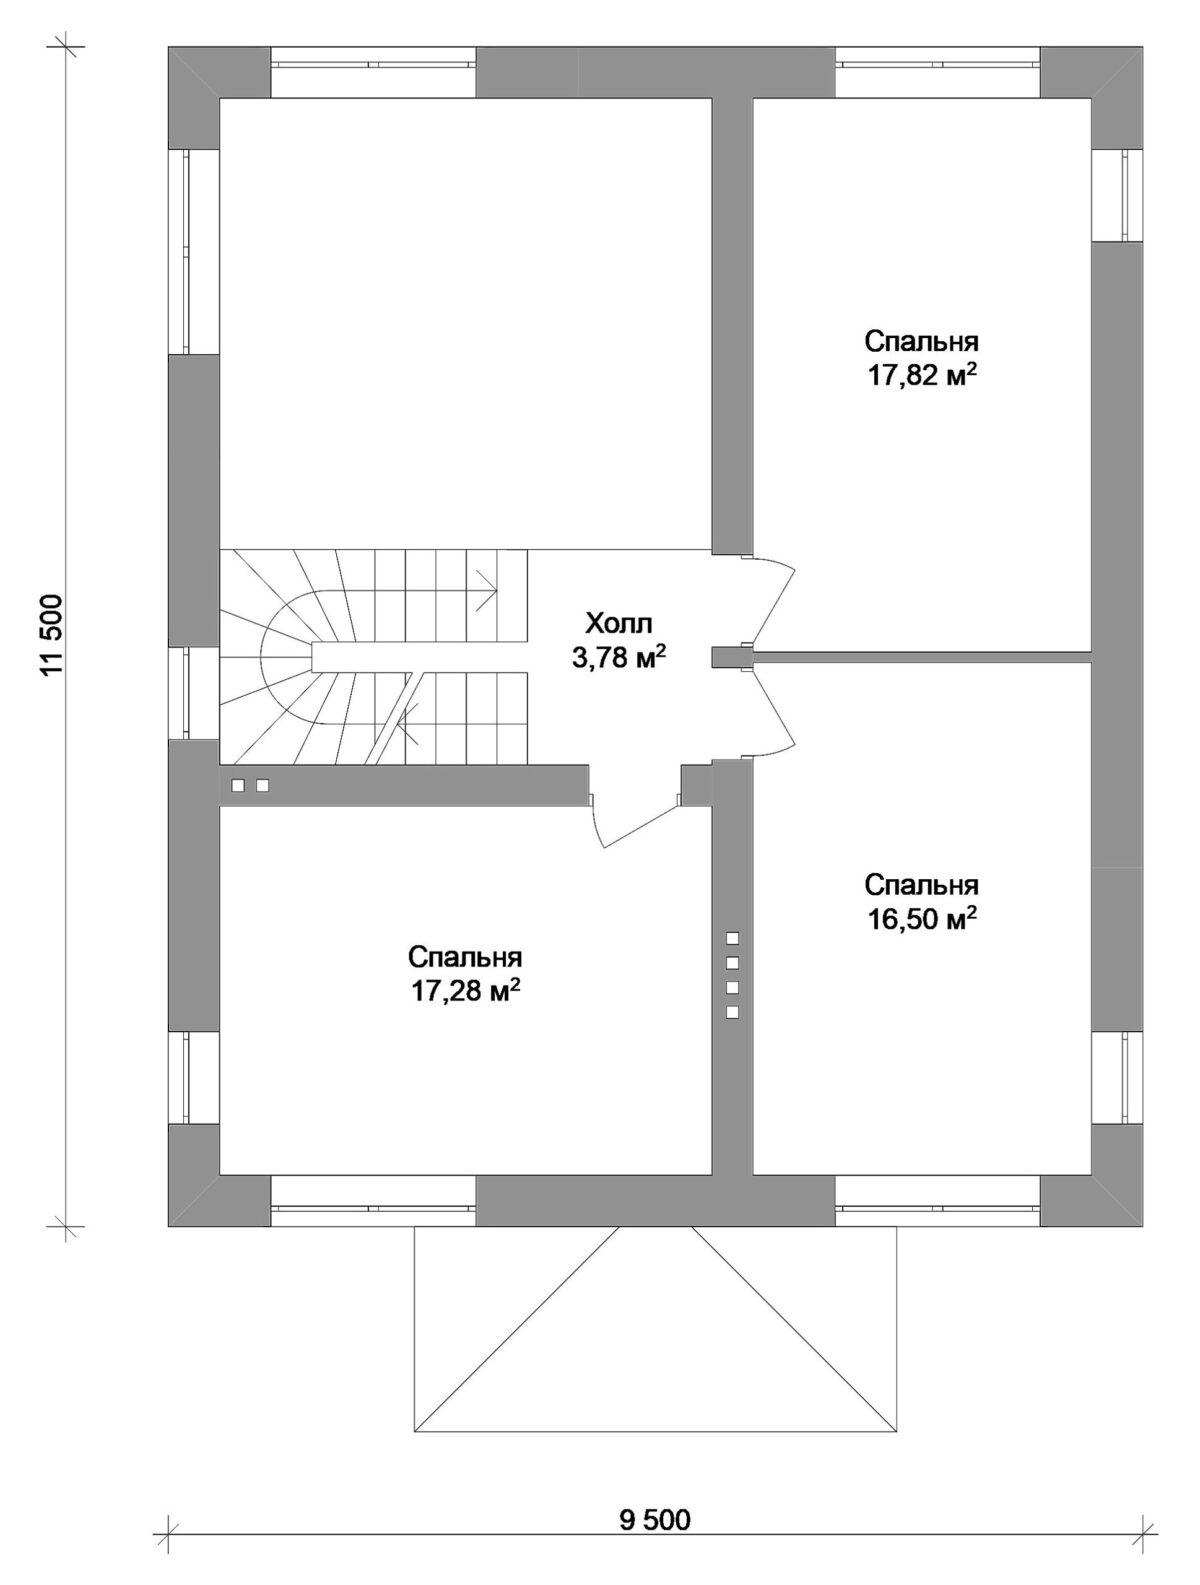 Фламинго B-046 с видеообзором. Проект двухэтажного дома с террасой на 3 спальни